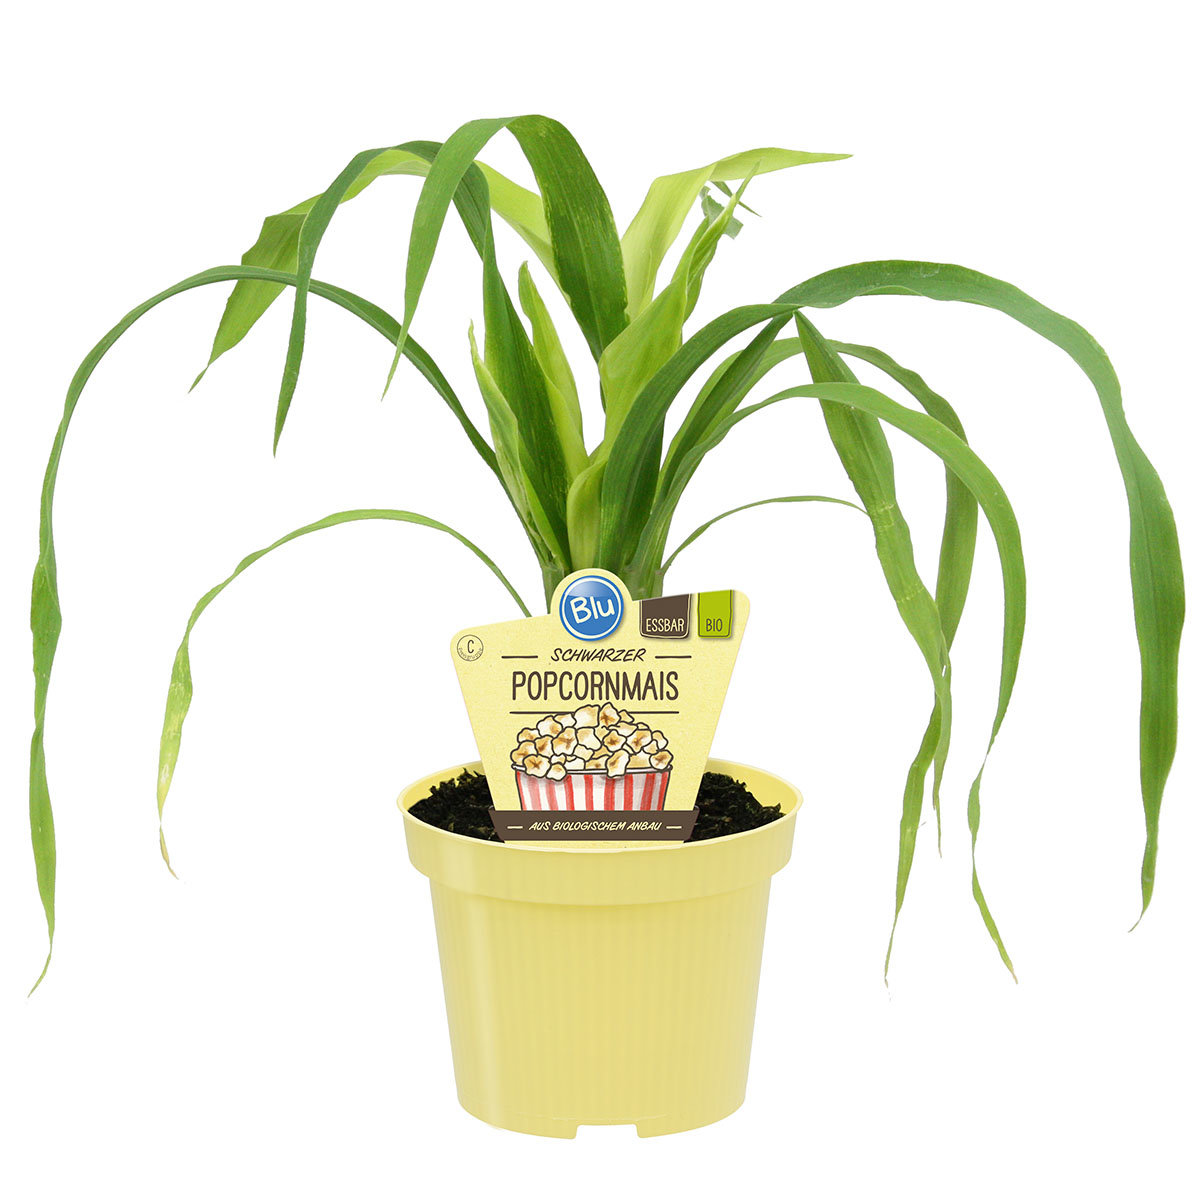 Maispflanze Schwarzer Popcorn-Mais   #4